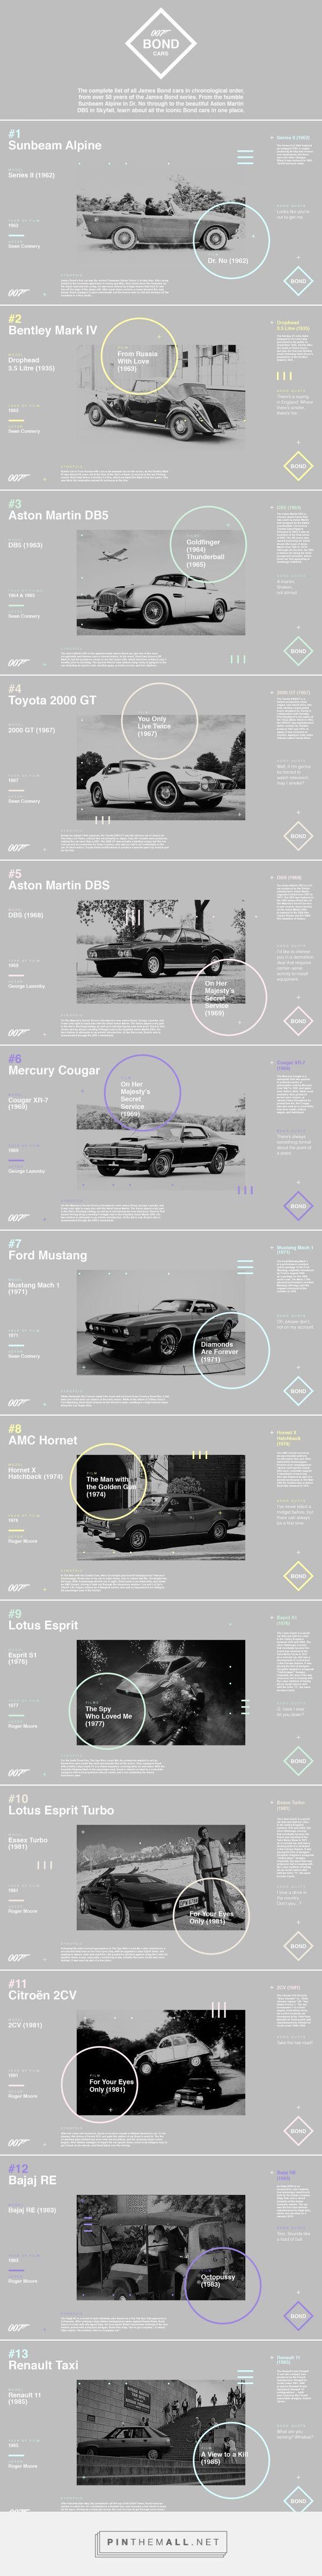 007 Bond Cars On Behance Infographic Design Timeline Design Presentation Design